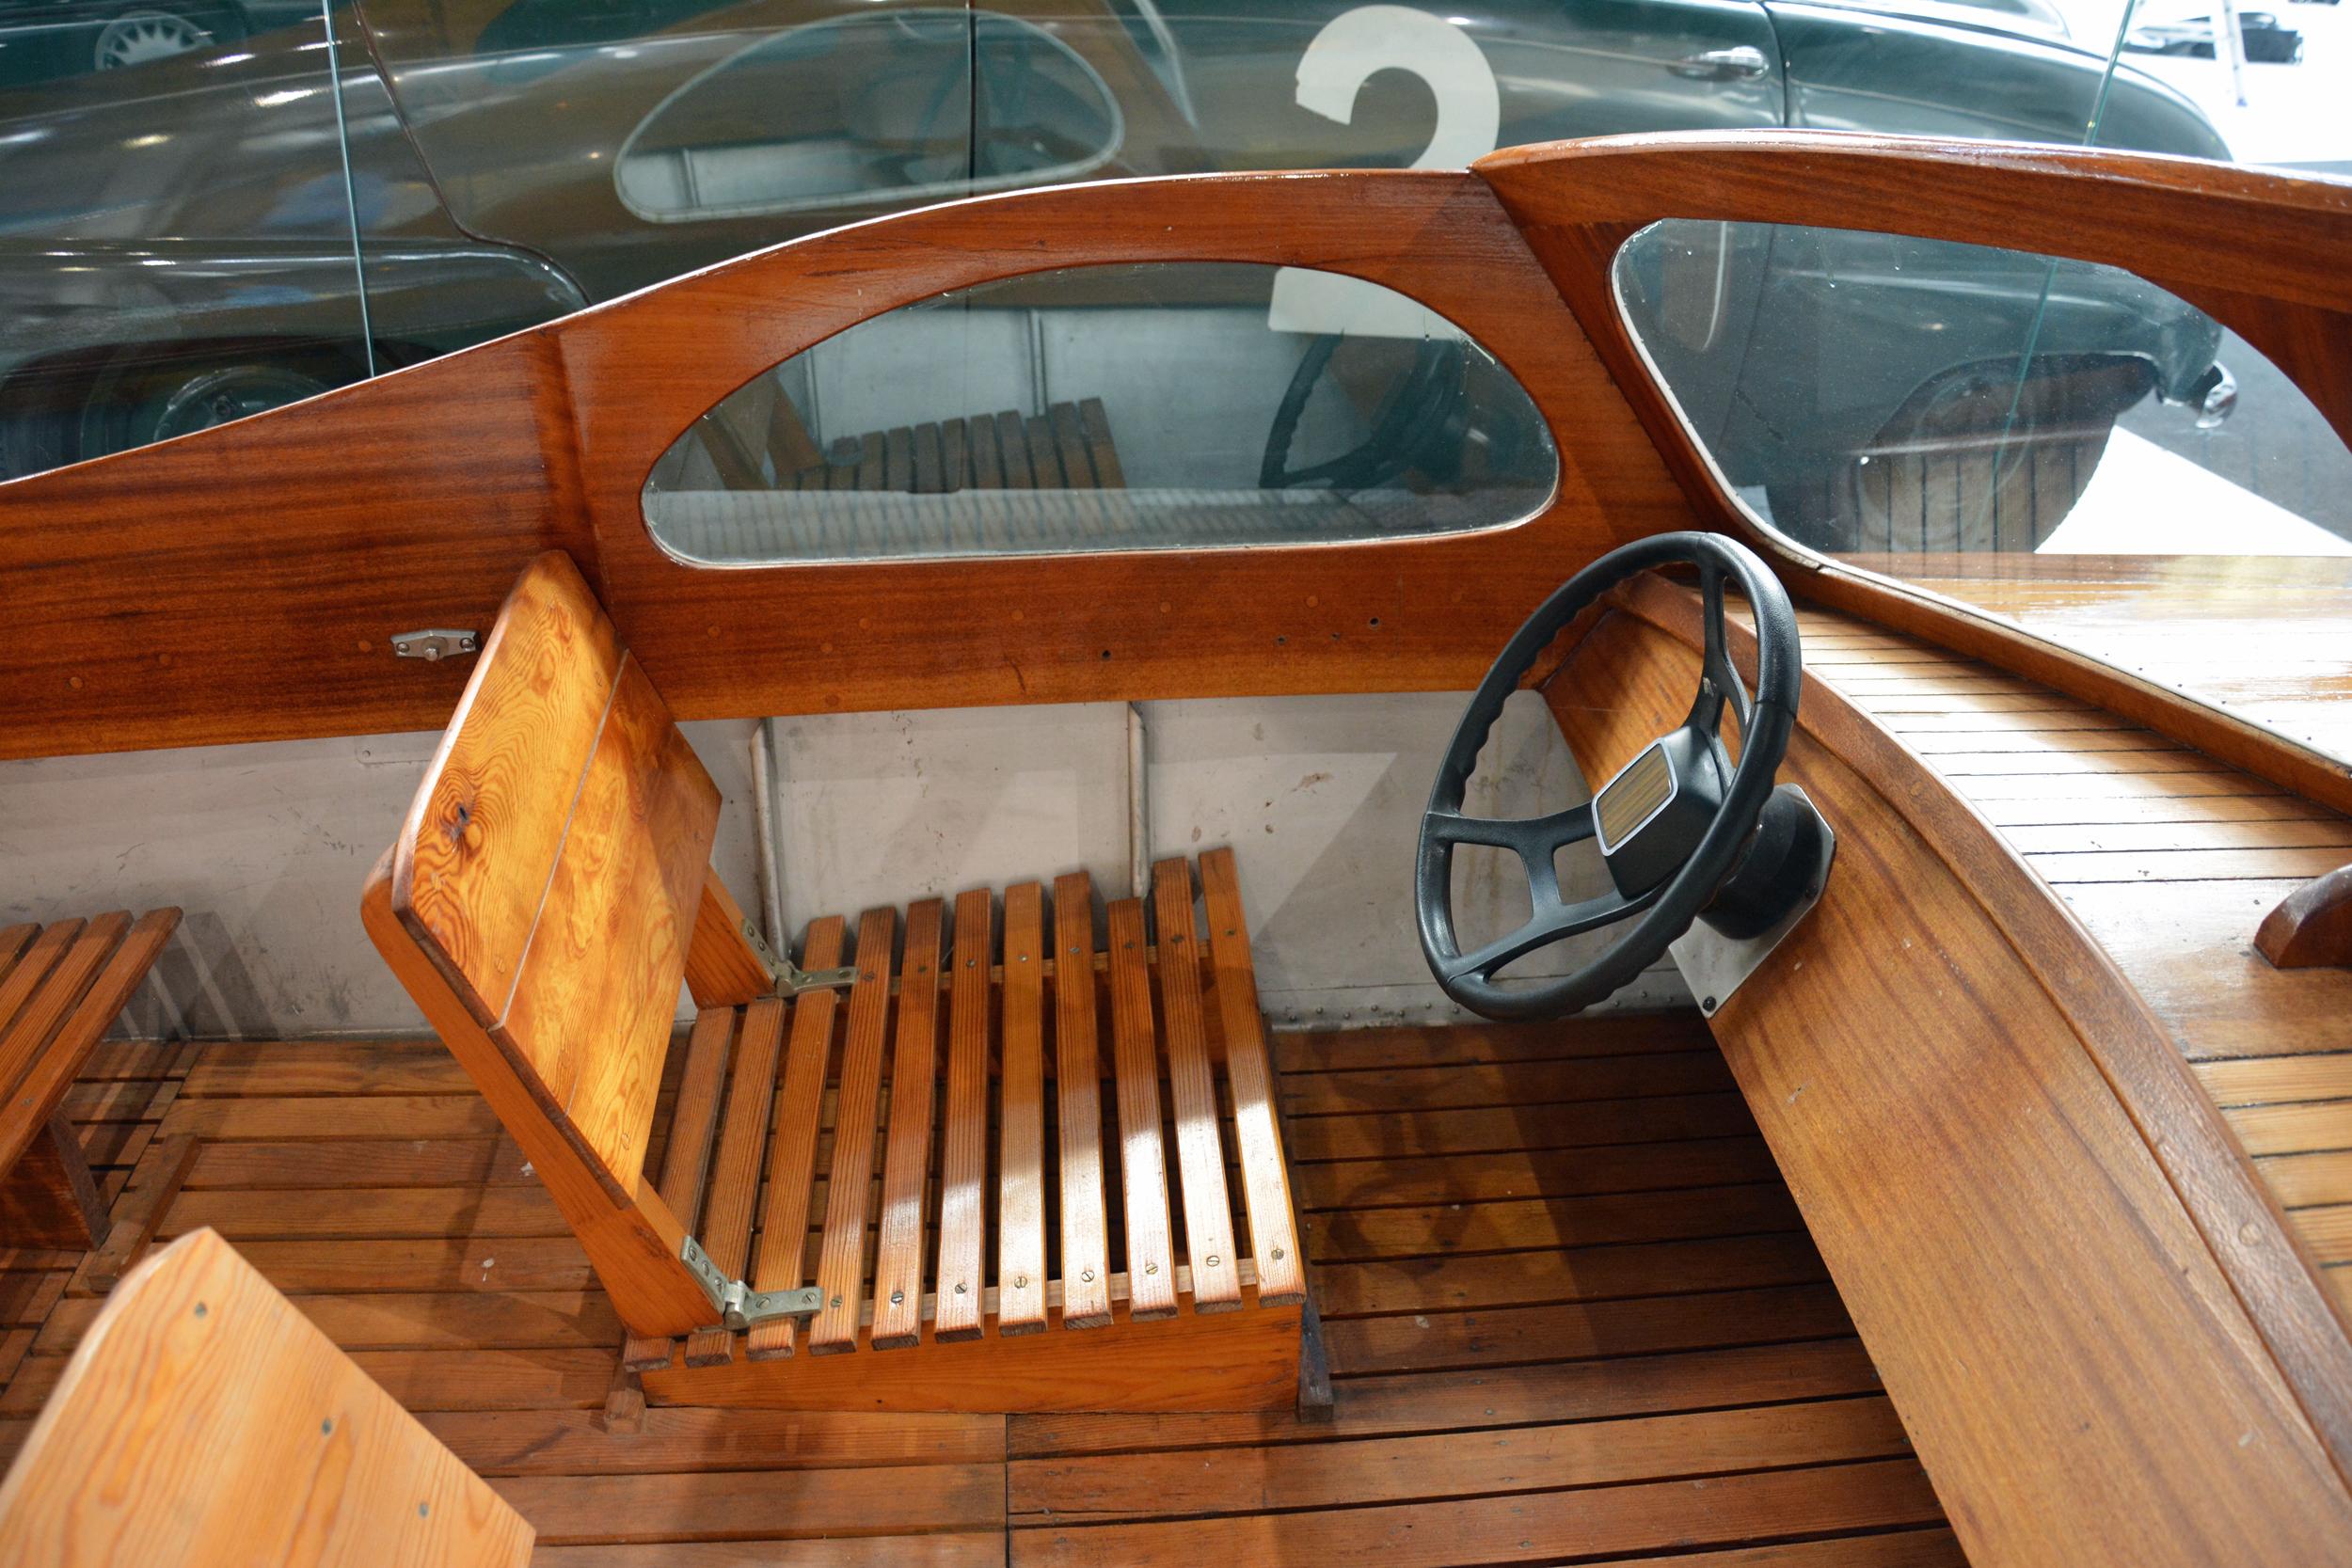 Saab Museum boat interior captains seat